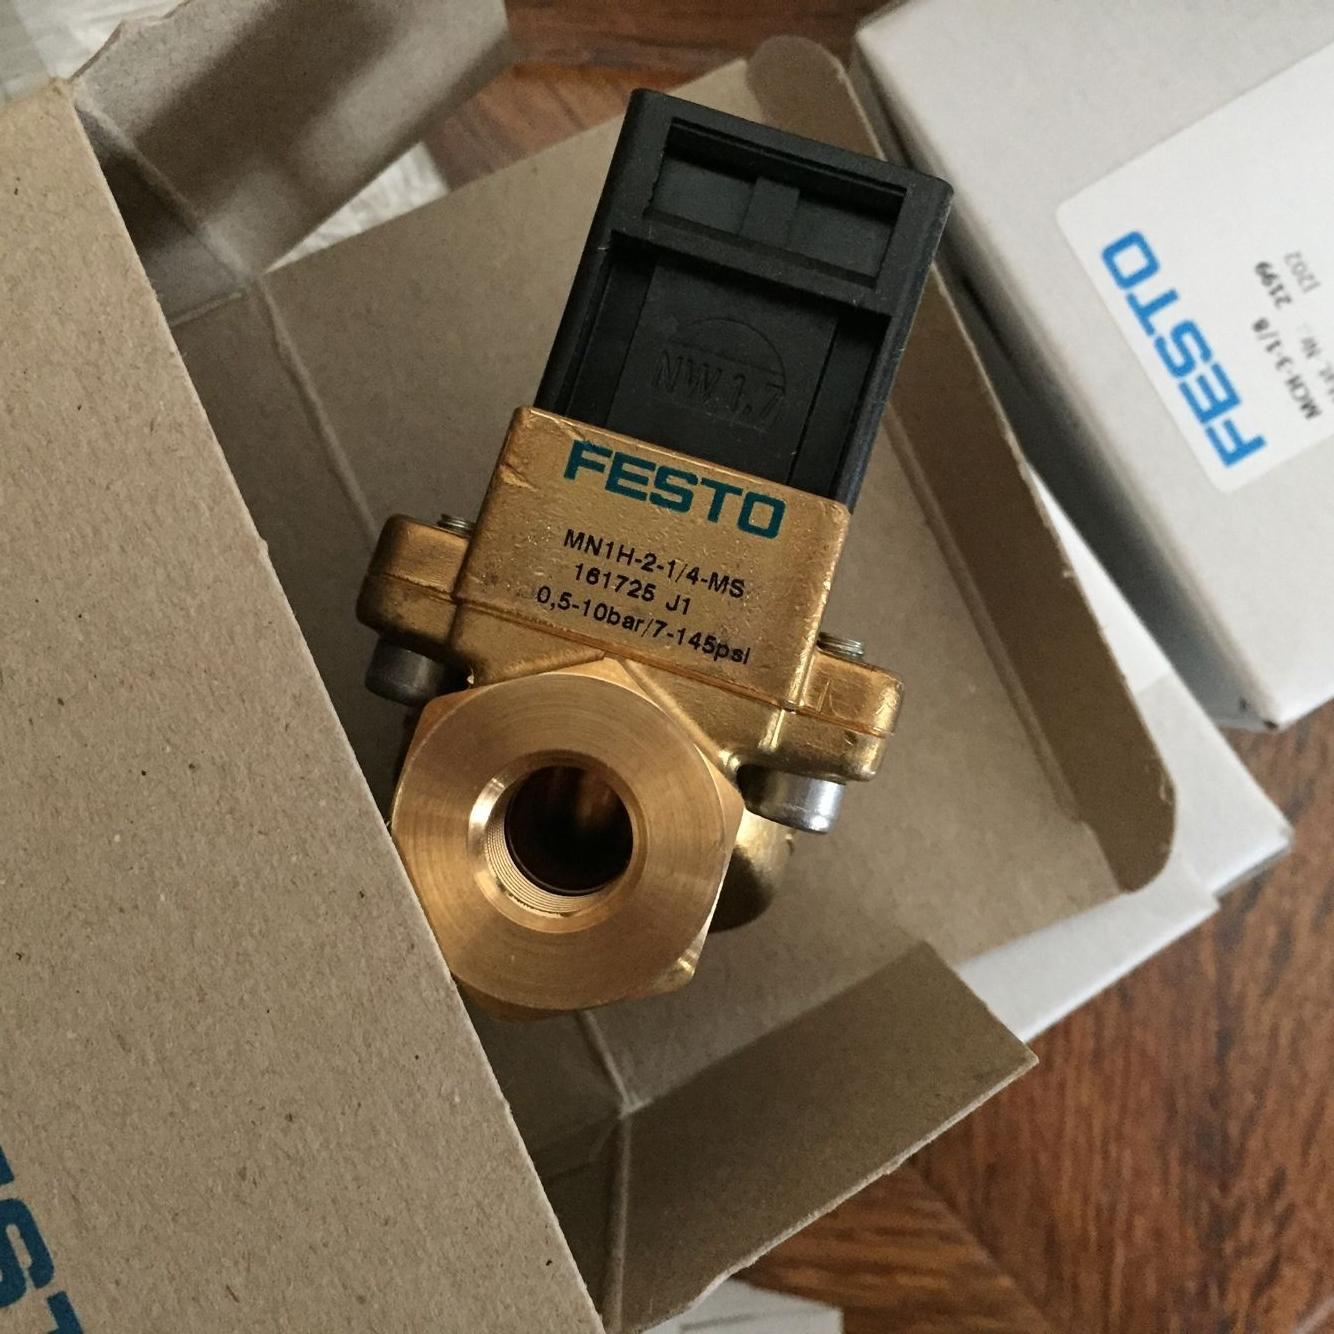 Van FESTO MN1H-2-1/4-MS 161725